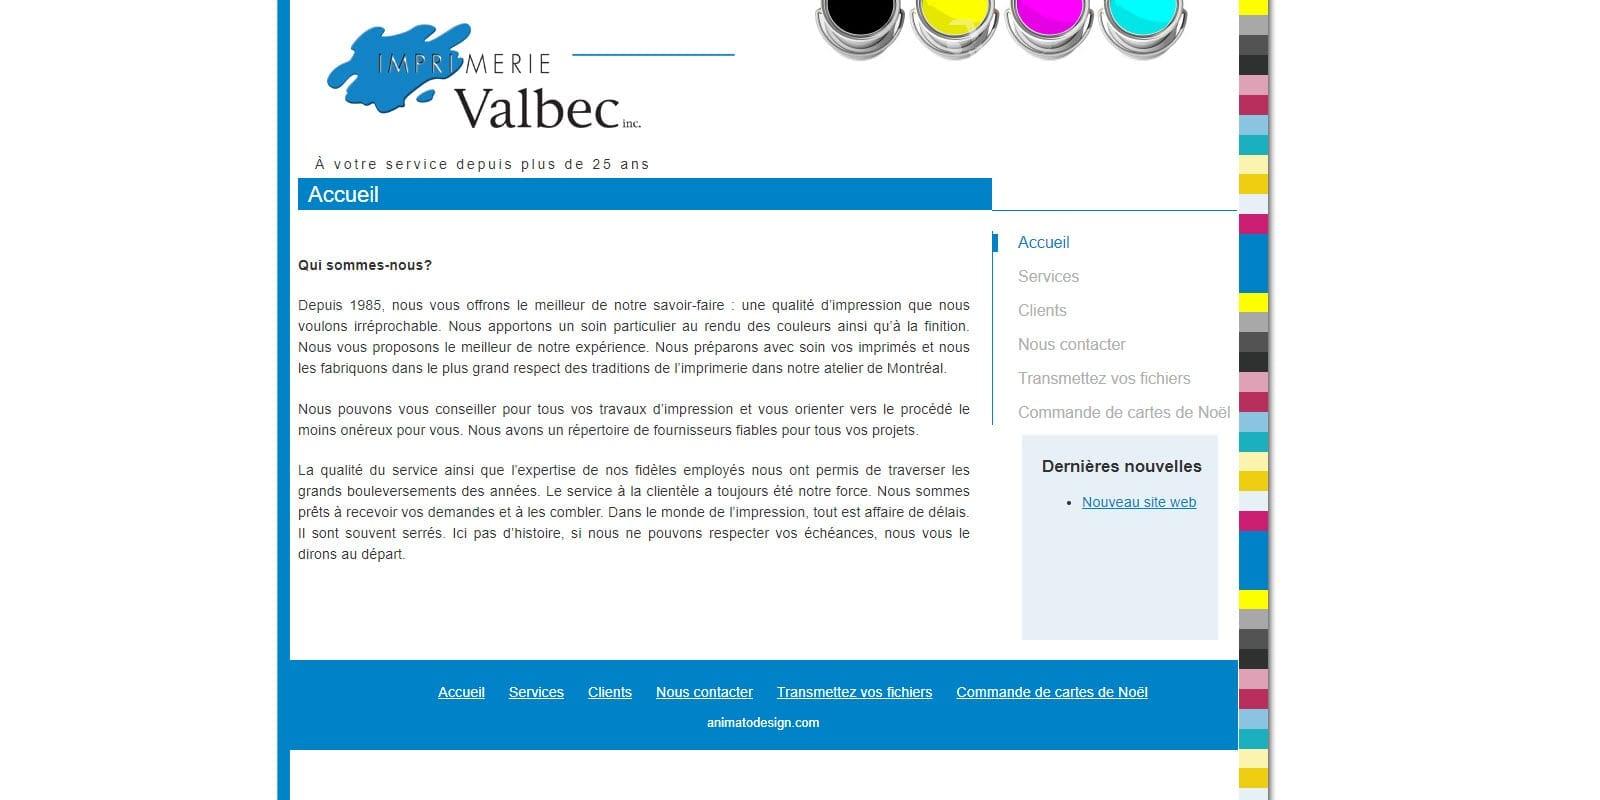 valbec.com